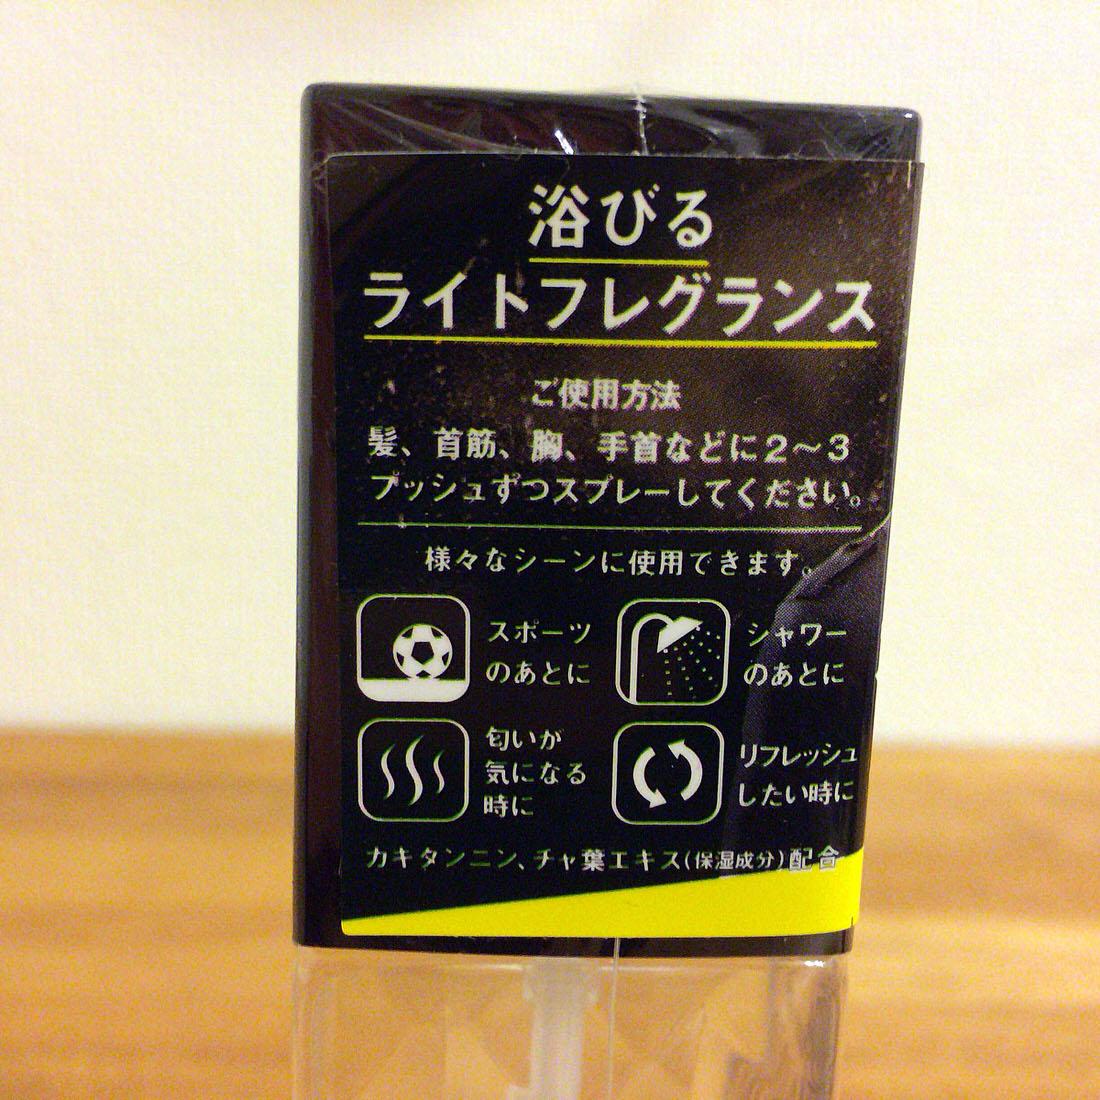 kosui-keisuke-04